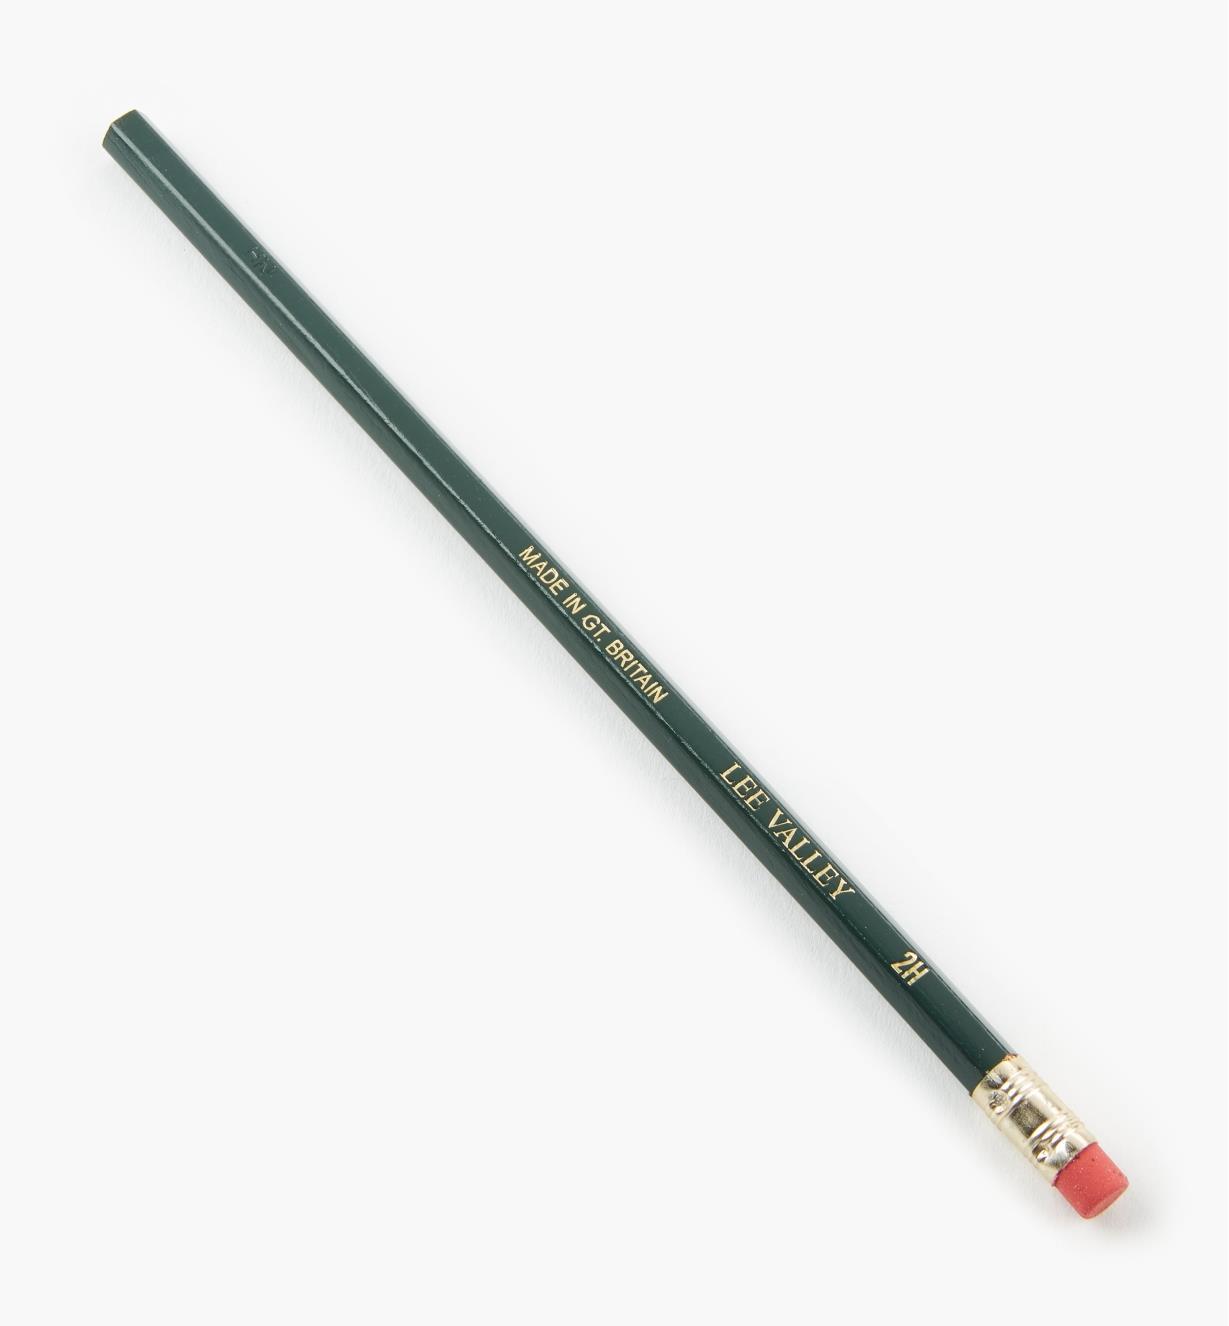 83U0406 - Crayons 2H, boîte de 12